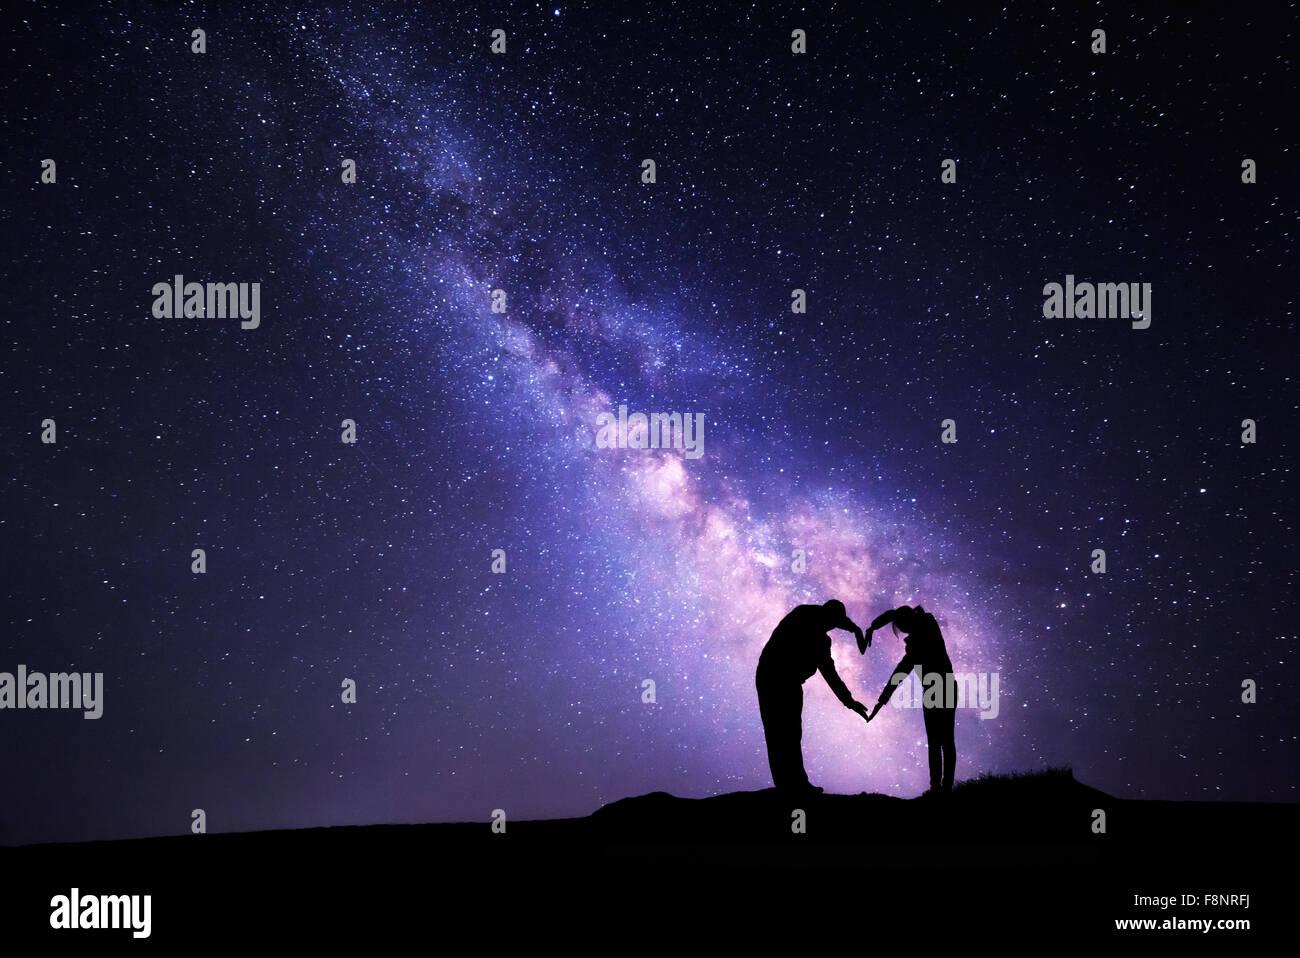 El hombre y la mujer tomados de las manos en forma de corazón en el fondo de la Vía Láctea Imagen De Stock